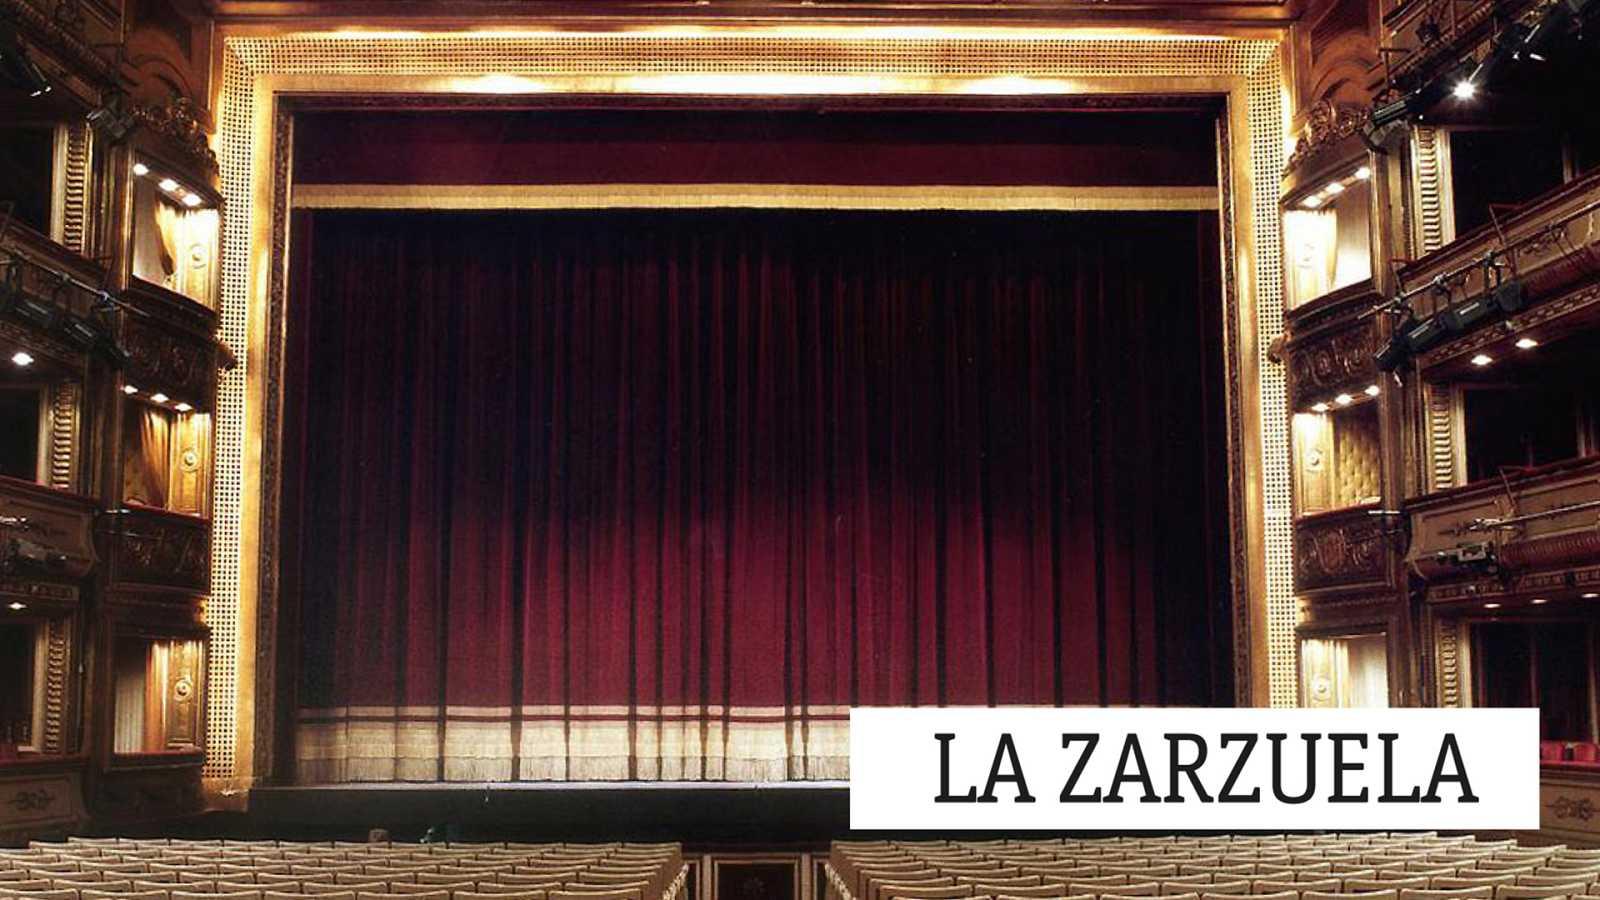 La zarzuela - El Teatro Variedades y el Teatro del Circo de Madrid - 09/06/21 - escuchar ahora